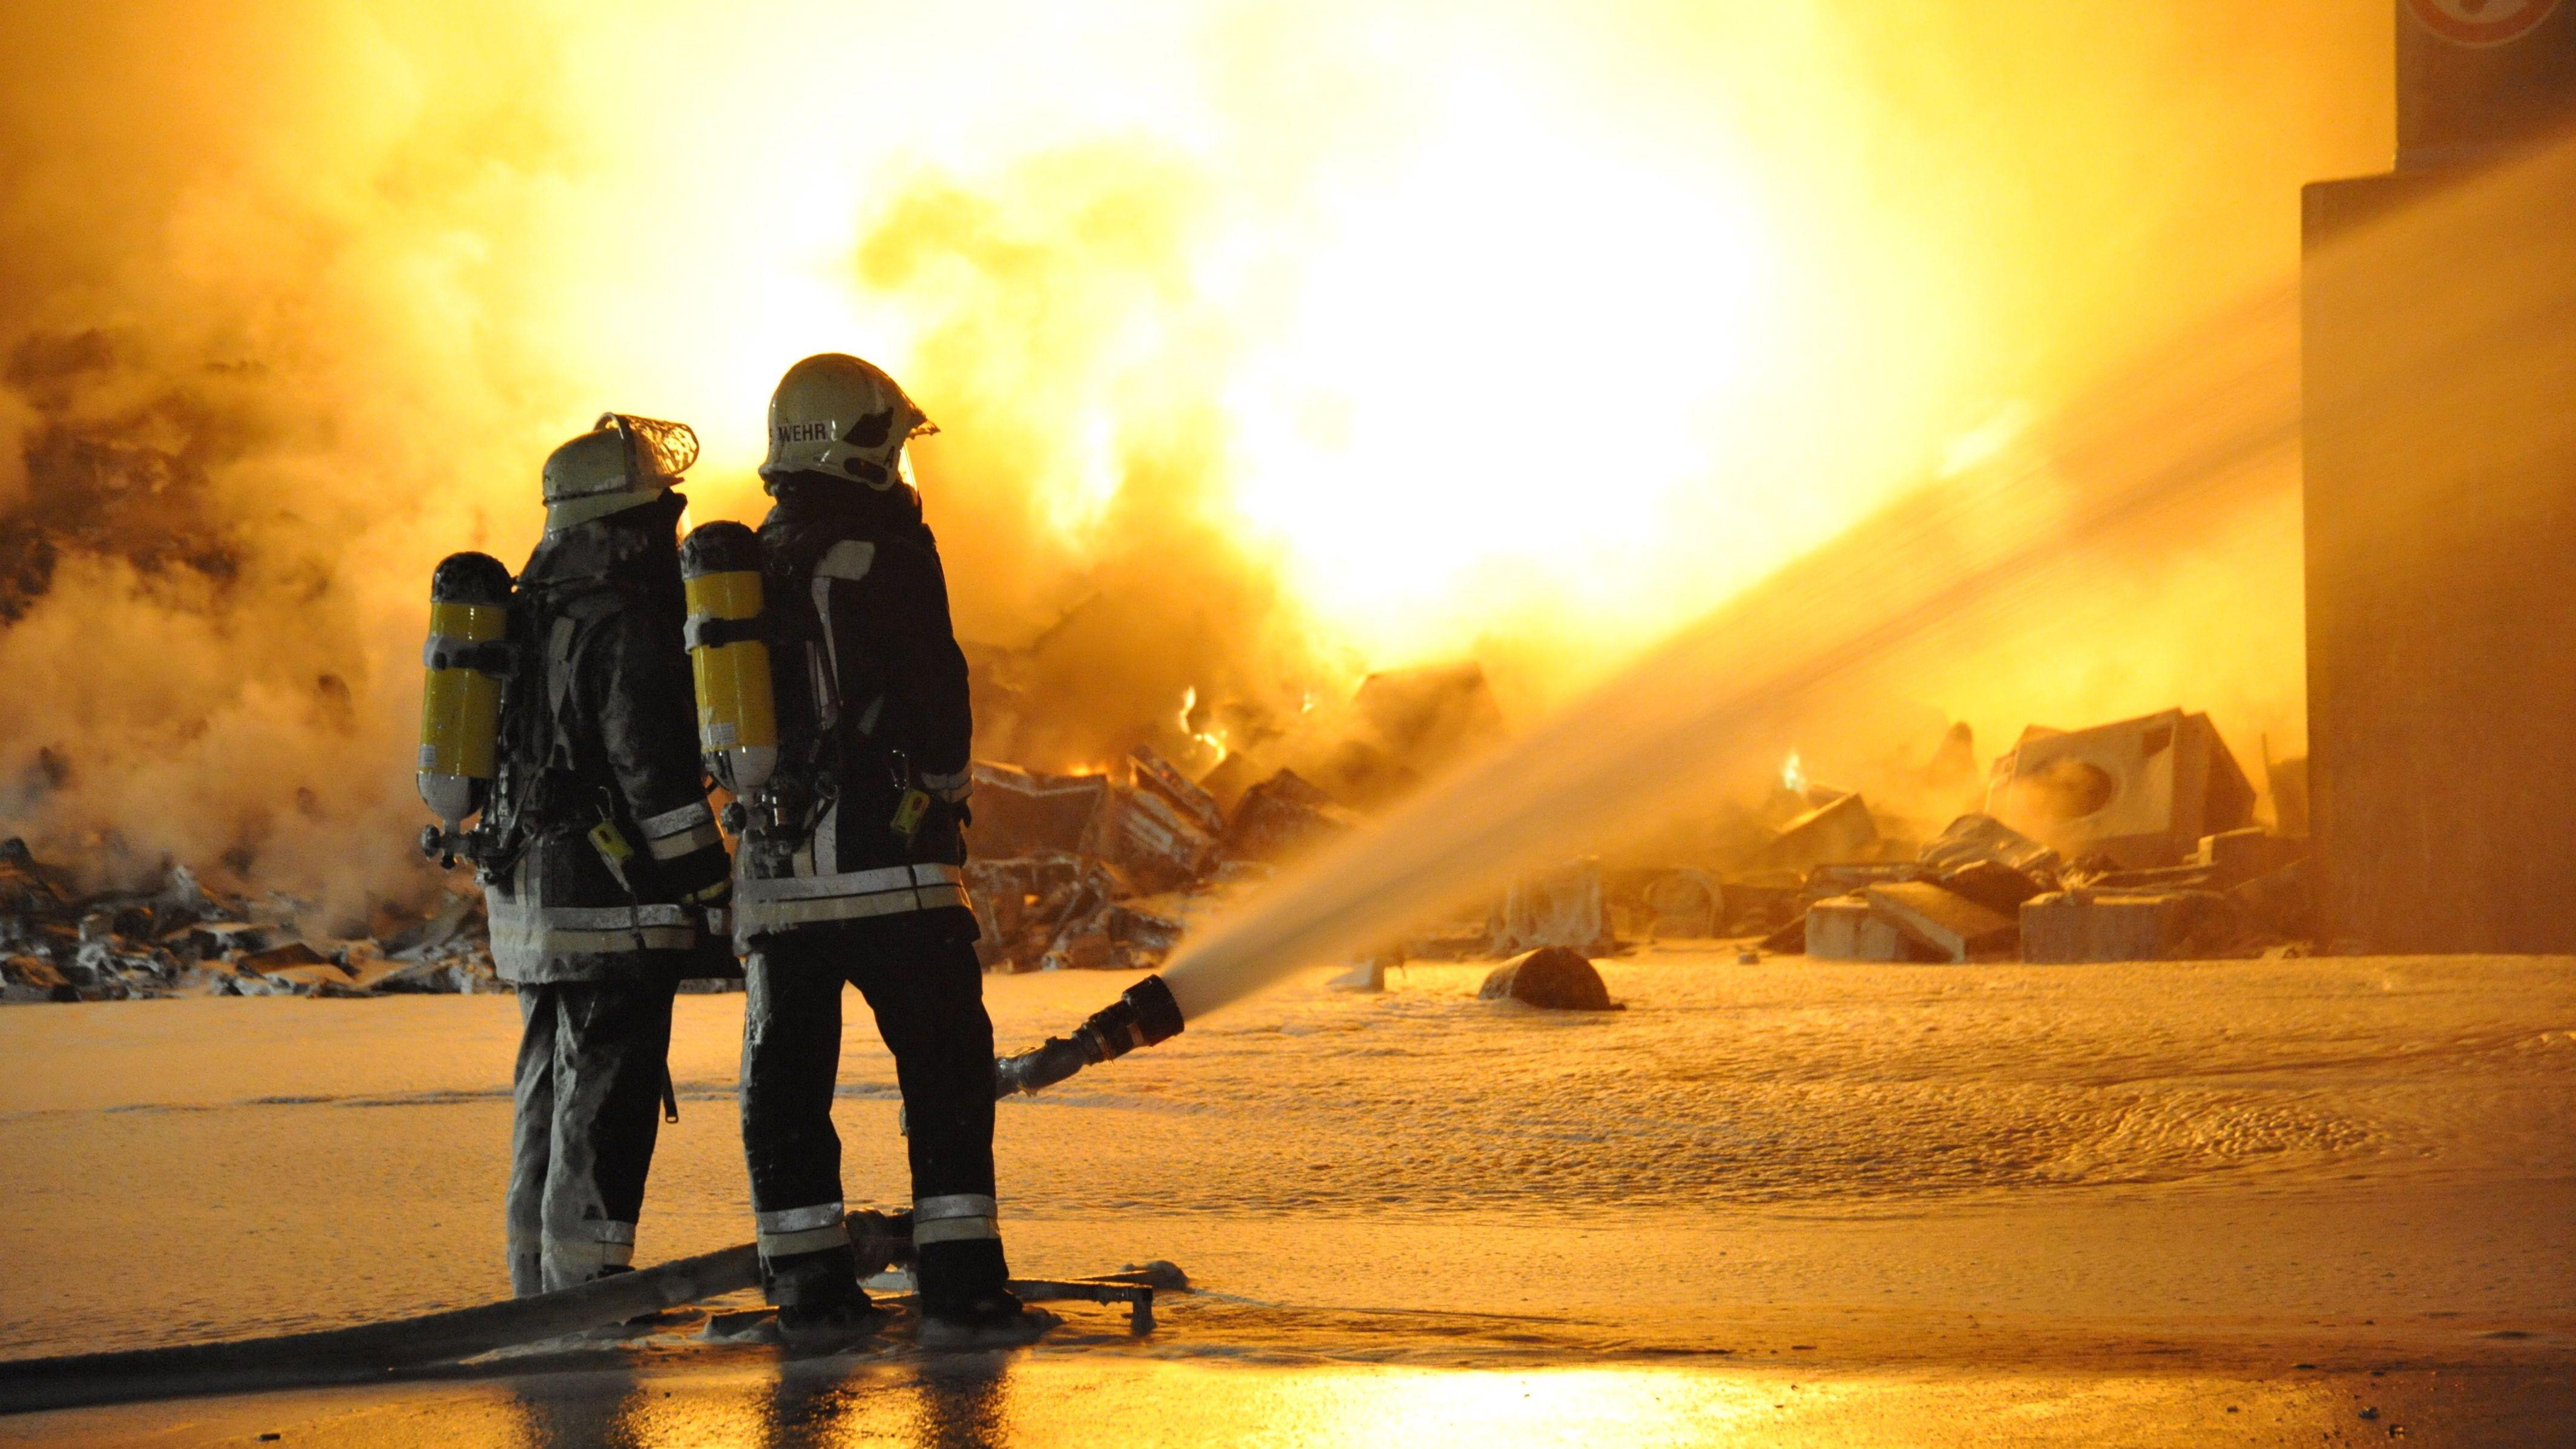 Der Großbrand in Wörth mit einer riesigen Rauchwolke zieht weitere Folgen mit sich: Der Landkreis Dingolfing-Landau könnte auch betroffen sein.